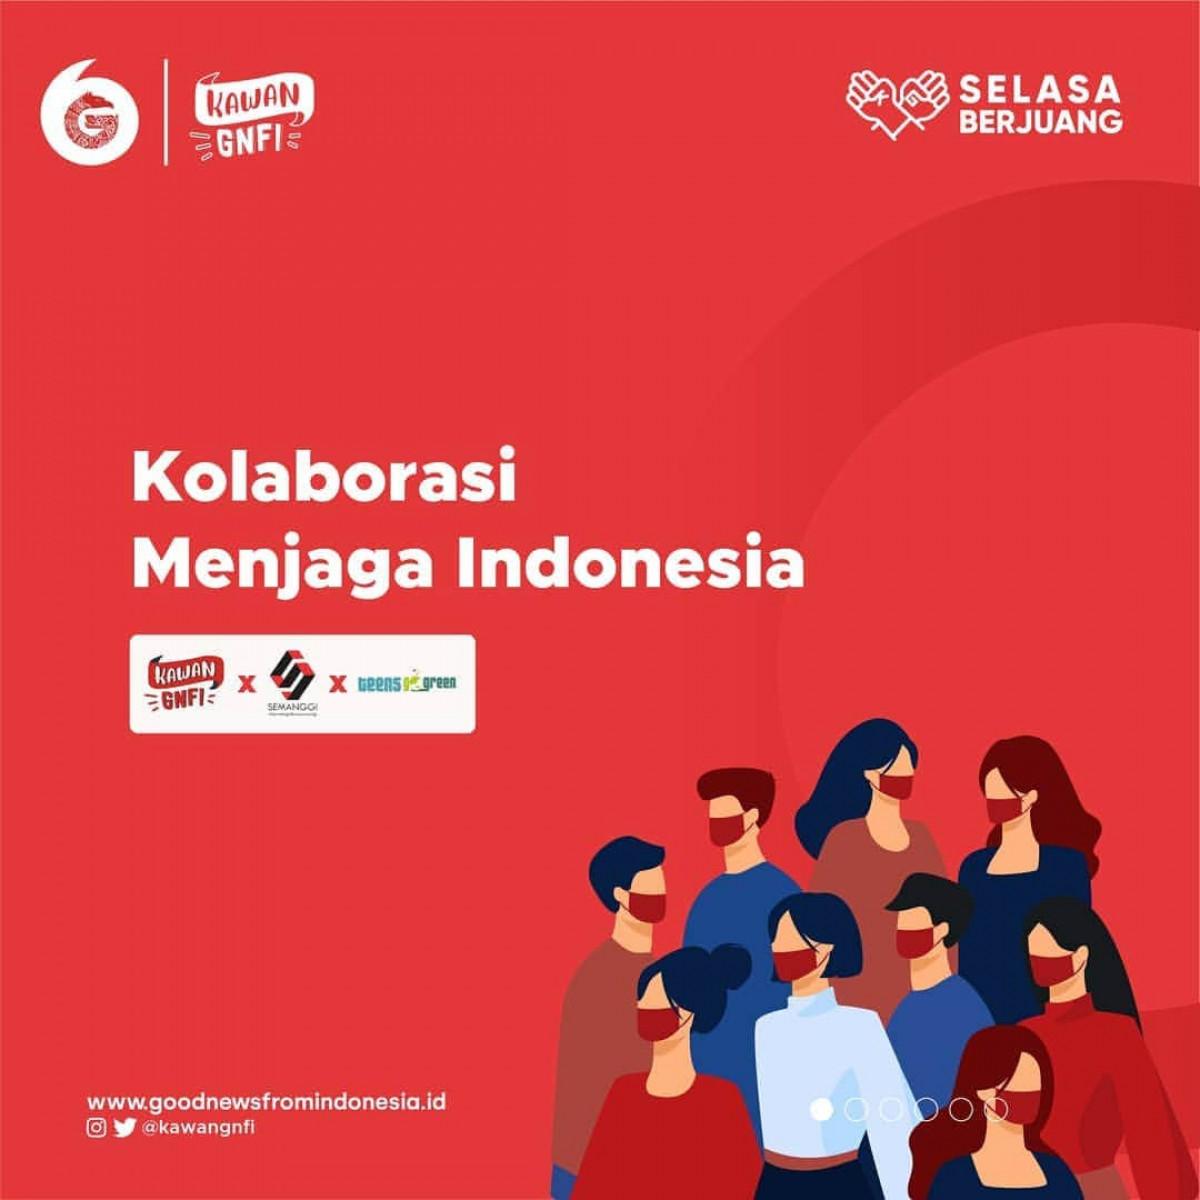 Kolaborasi Kawan GNFI dan Komunitas Daerah, Sebuah Upaya untuk Terus Menjaga Indonesia